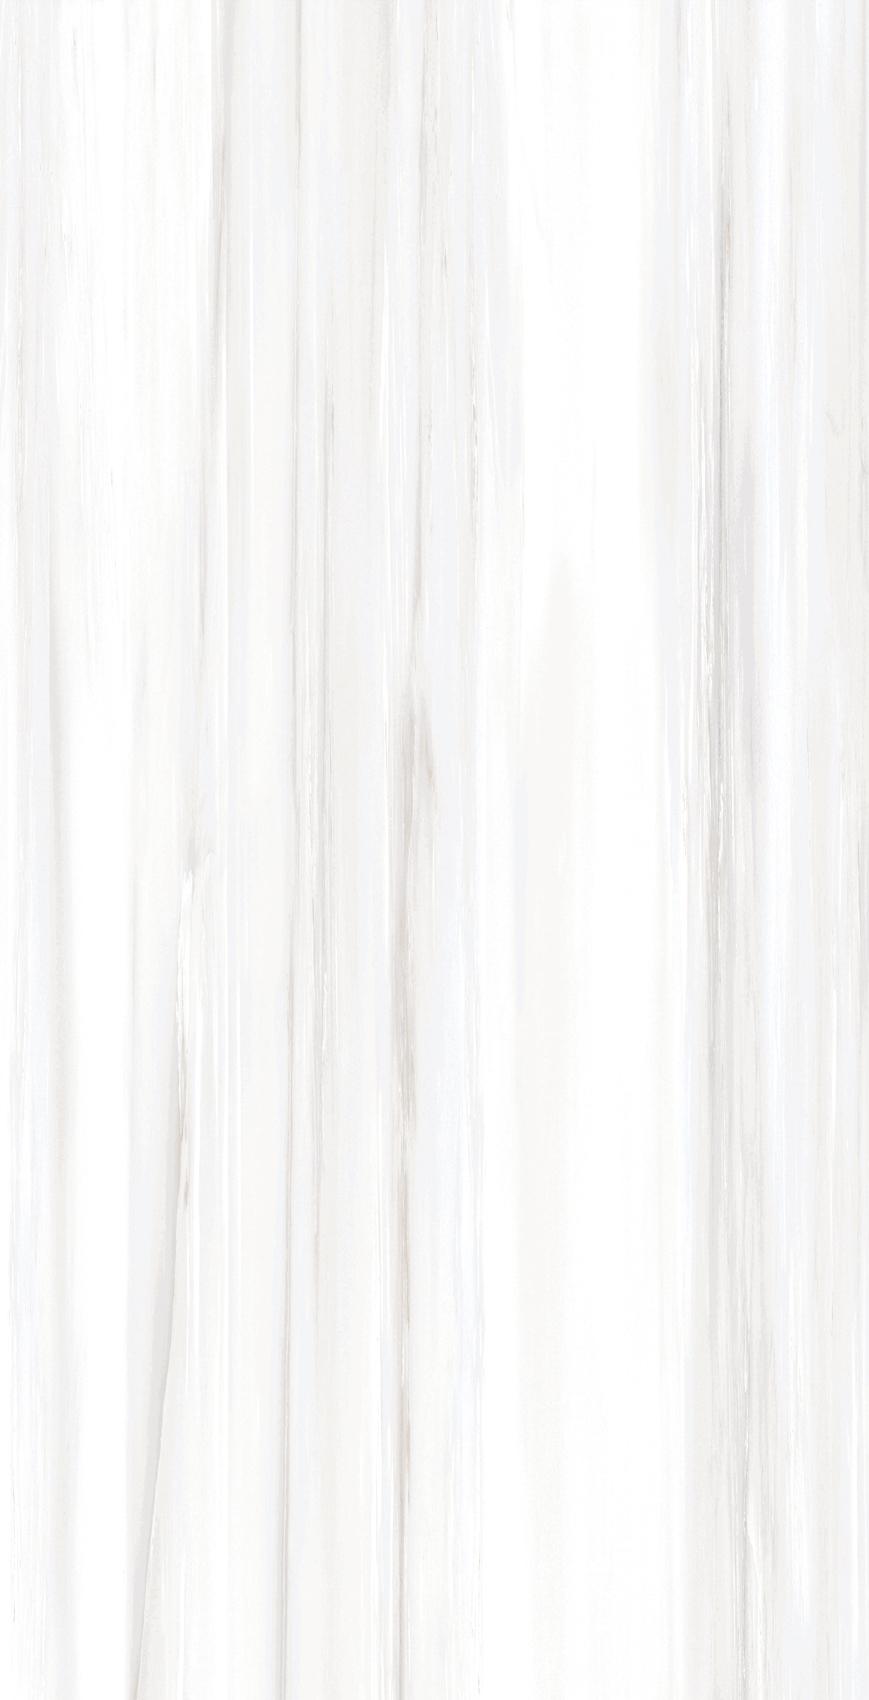 宏宇陶瓷-HPGR84007意大利线石